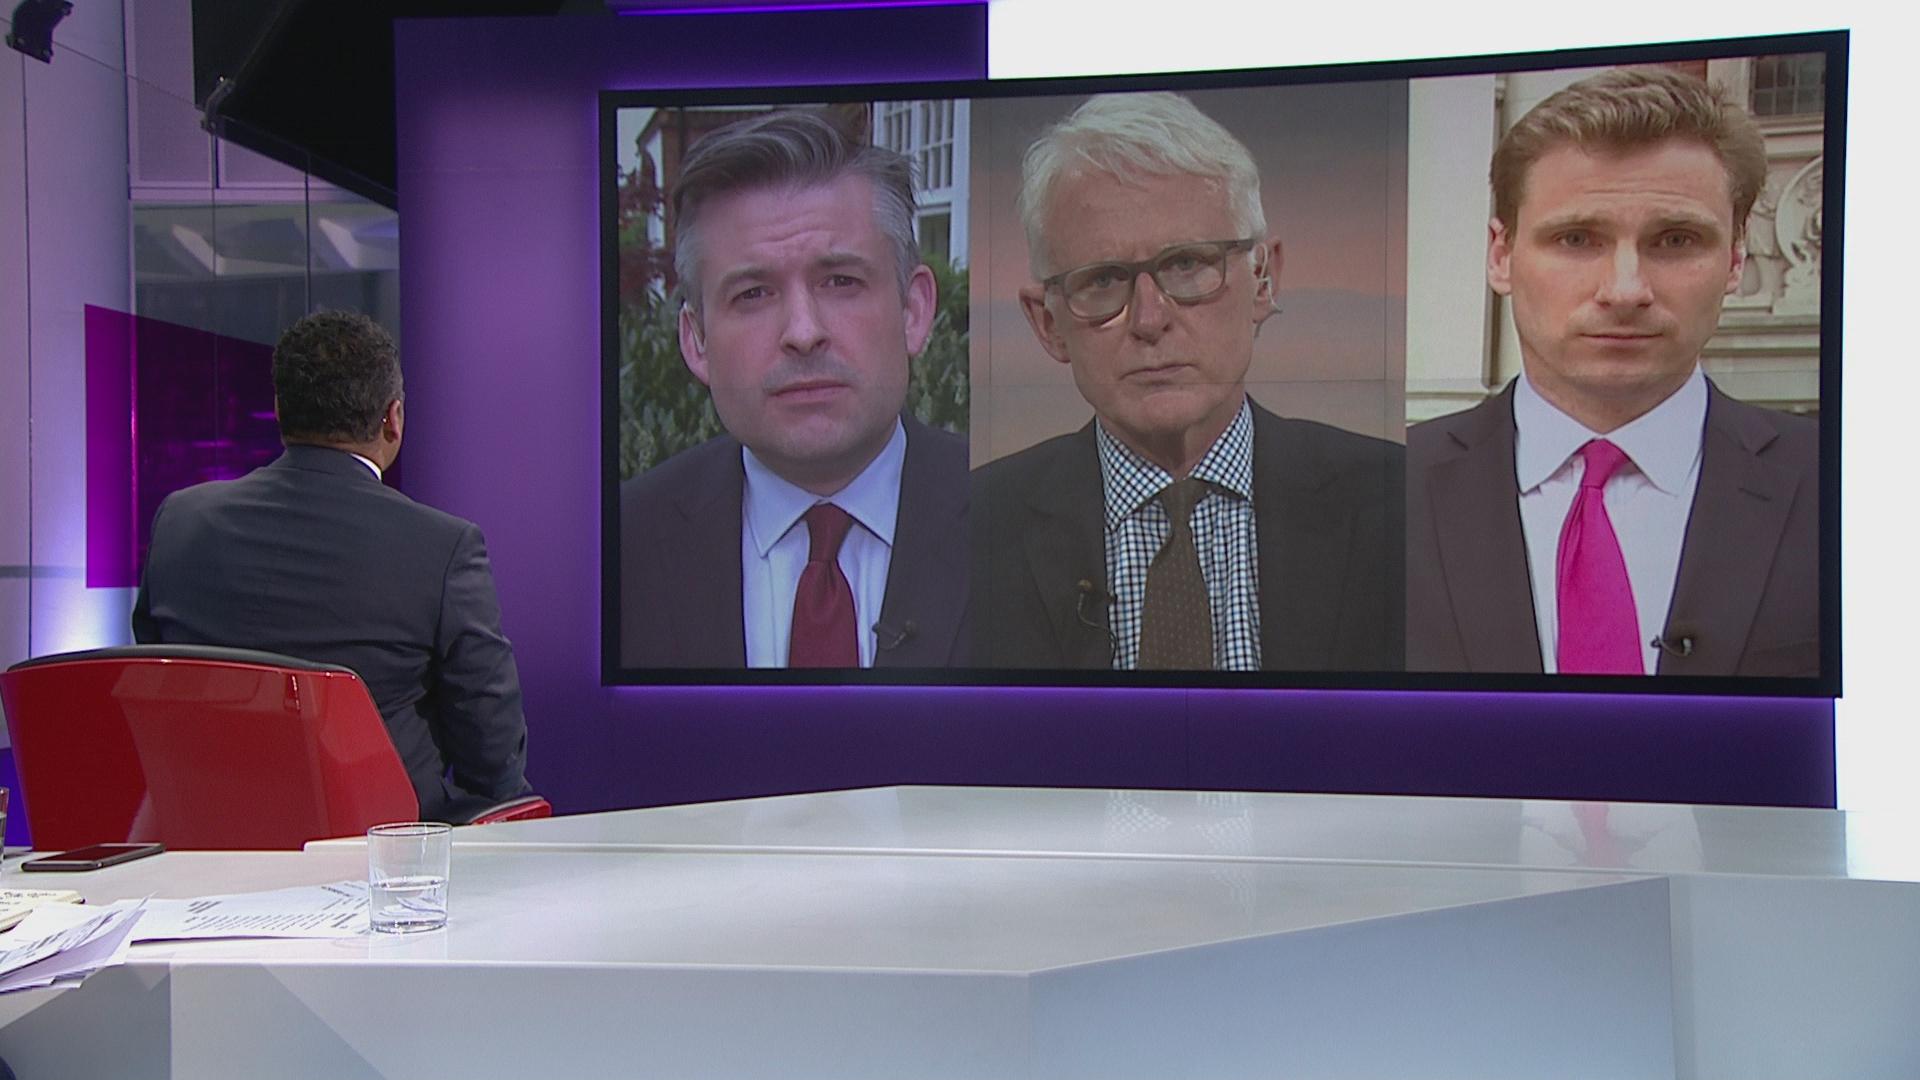 NHS Debate: Jonathan Ashworth, Norman Lamb, Chris Philp